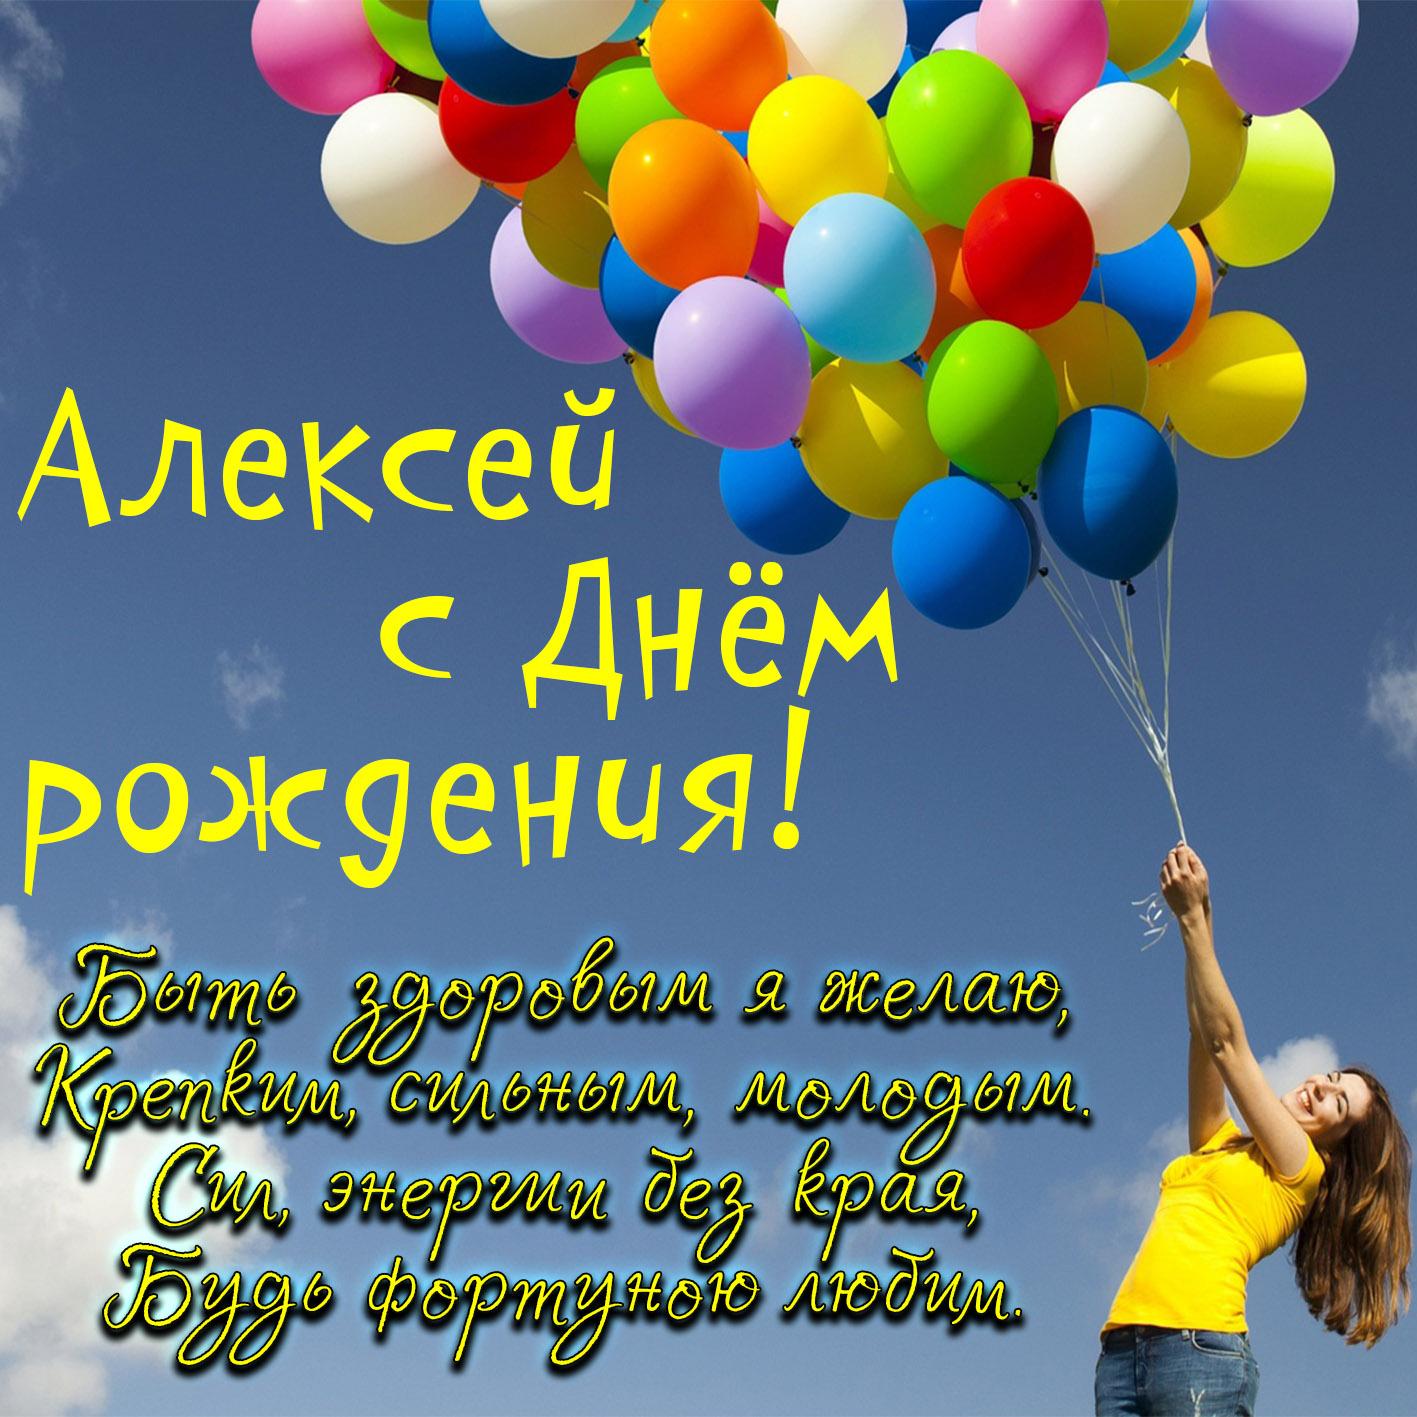 Открытки на день рожденья алексею